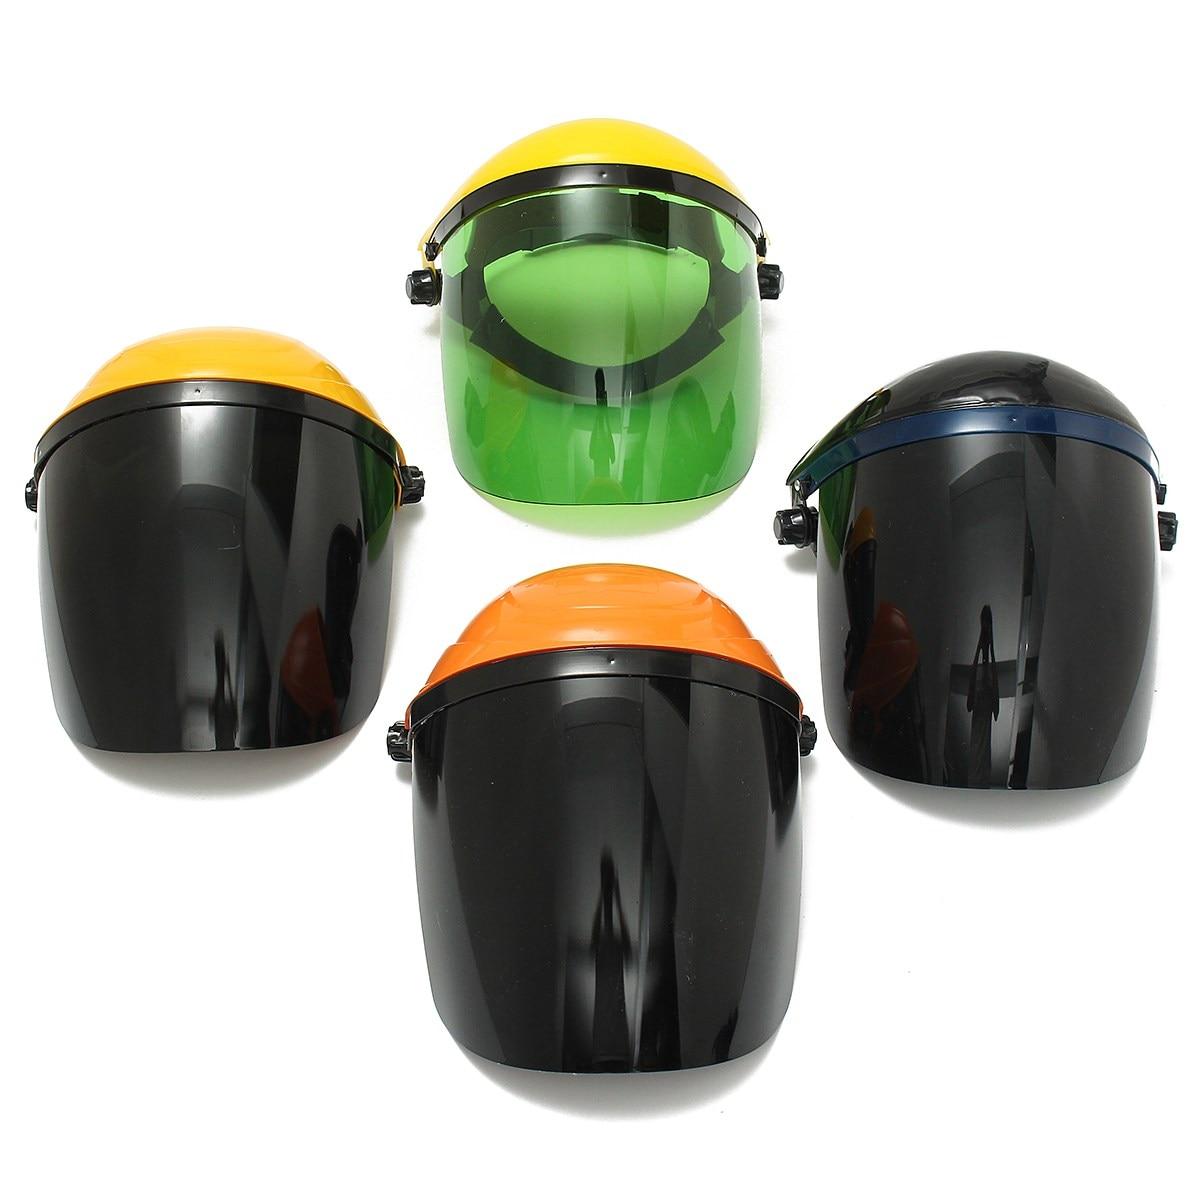 Adjustable Safety Helmet ARC TIG MIG Welder Lens Grinding Mask + Safety Goggles Workplace Safety 2015 new kryptek typhon pilot fast helmet airsoft mh adjustable abs helmet ph0601 typhon